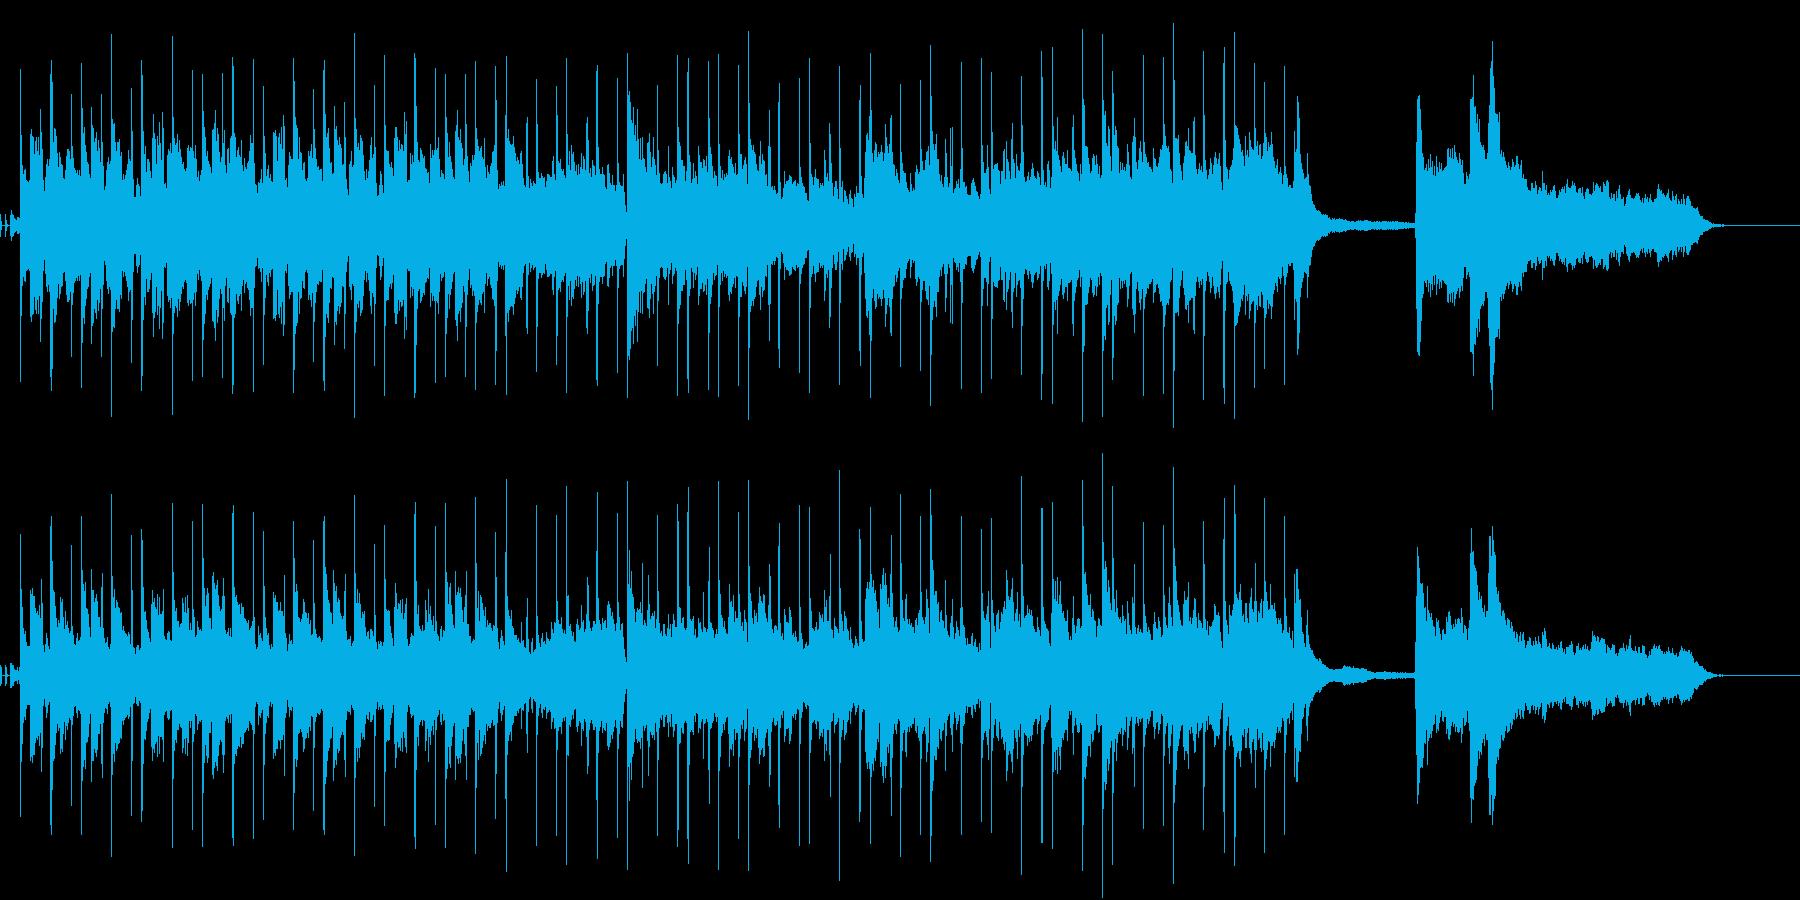 CM 企業VP 軽快 天気予報 カラオケの再生済みの波形